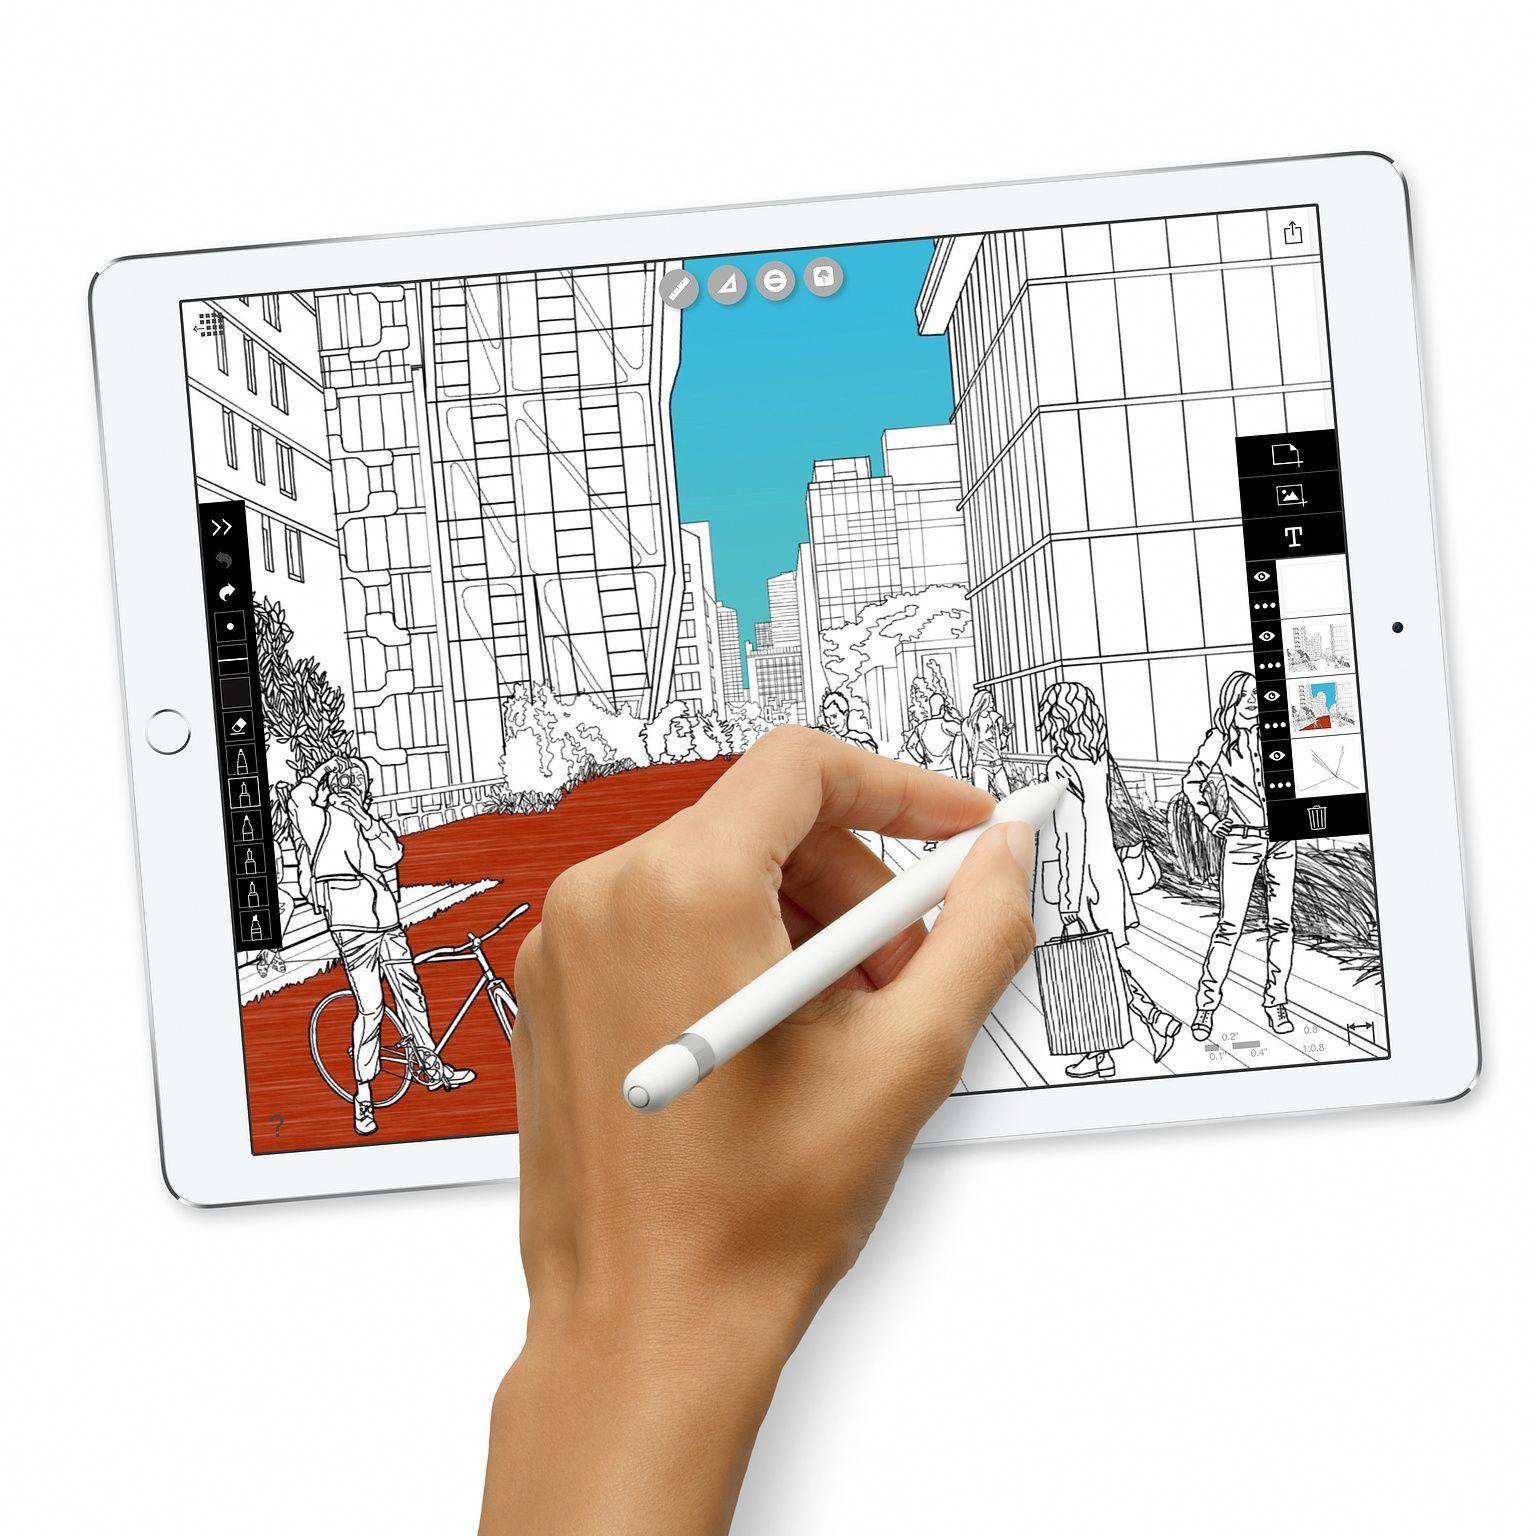 12 9 Inch Ipad Pro Wi Fi 64gb Silver Apple Wifi Only Ipadstand Ipad Pro Ipad Wi Fi